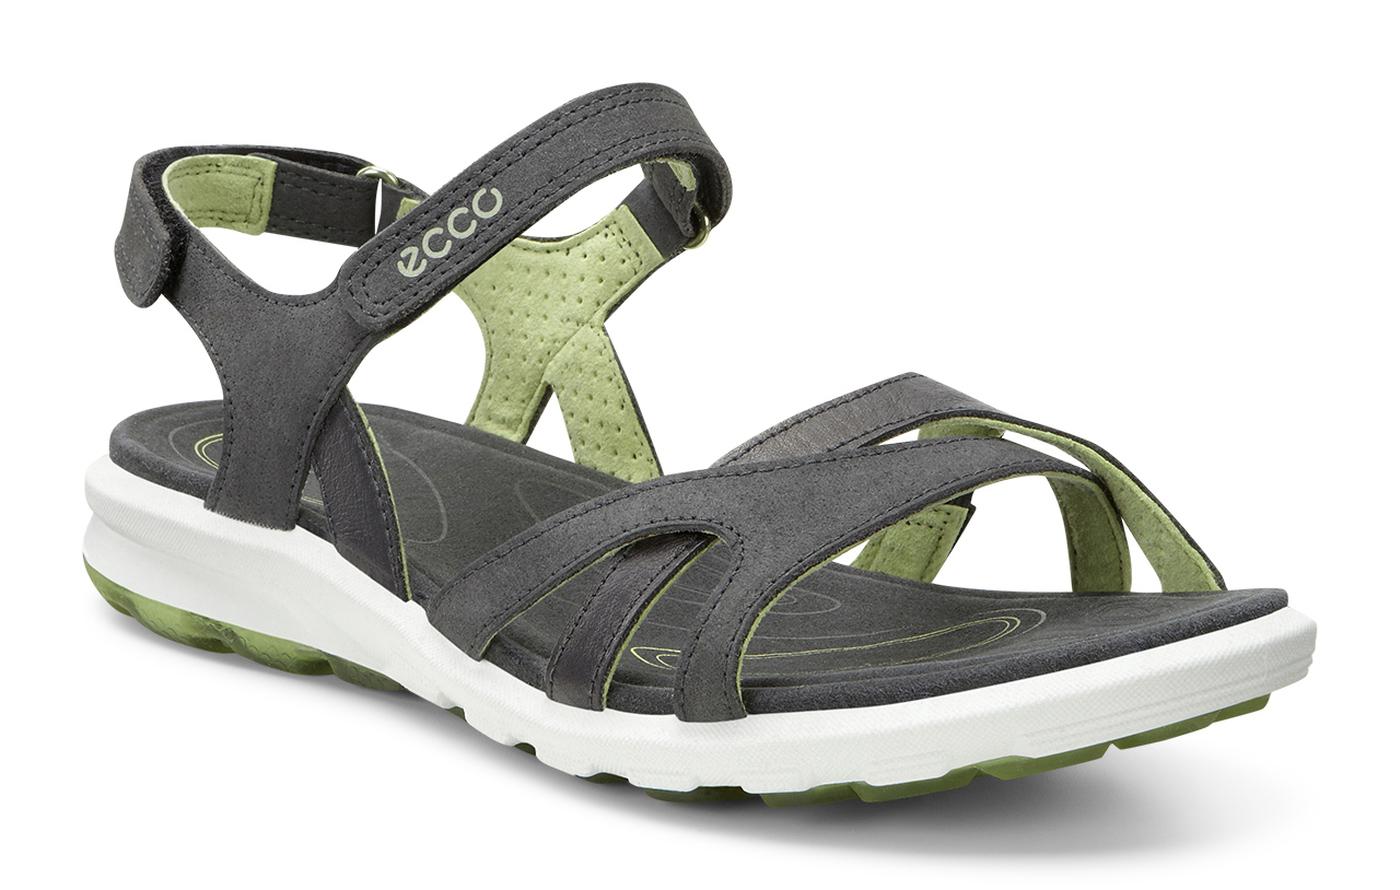 ECCO CRUISE Ladies Sandal